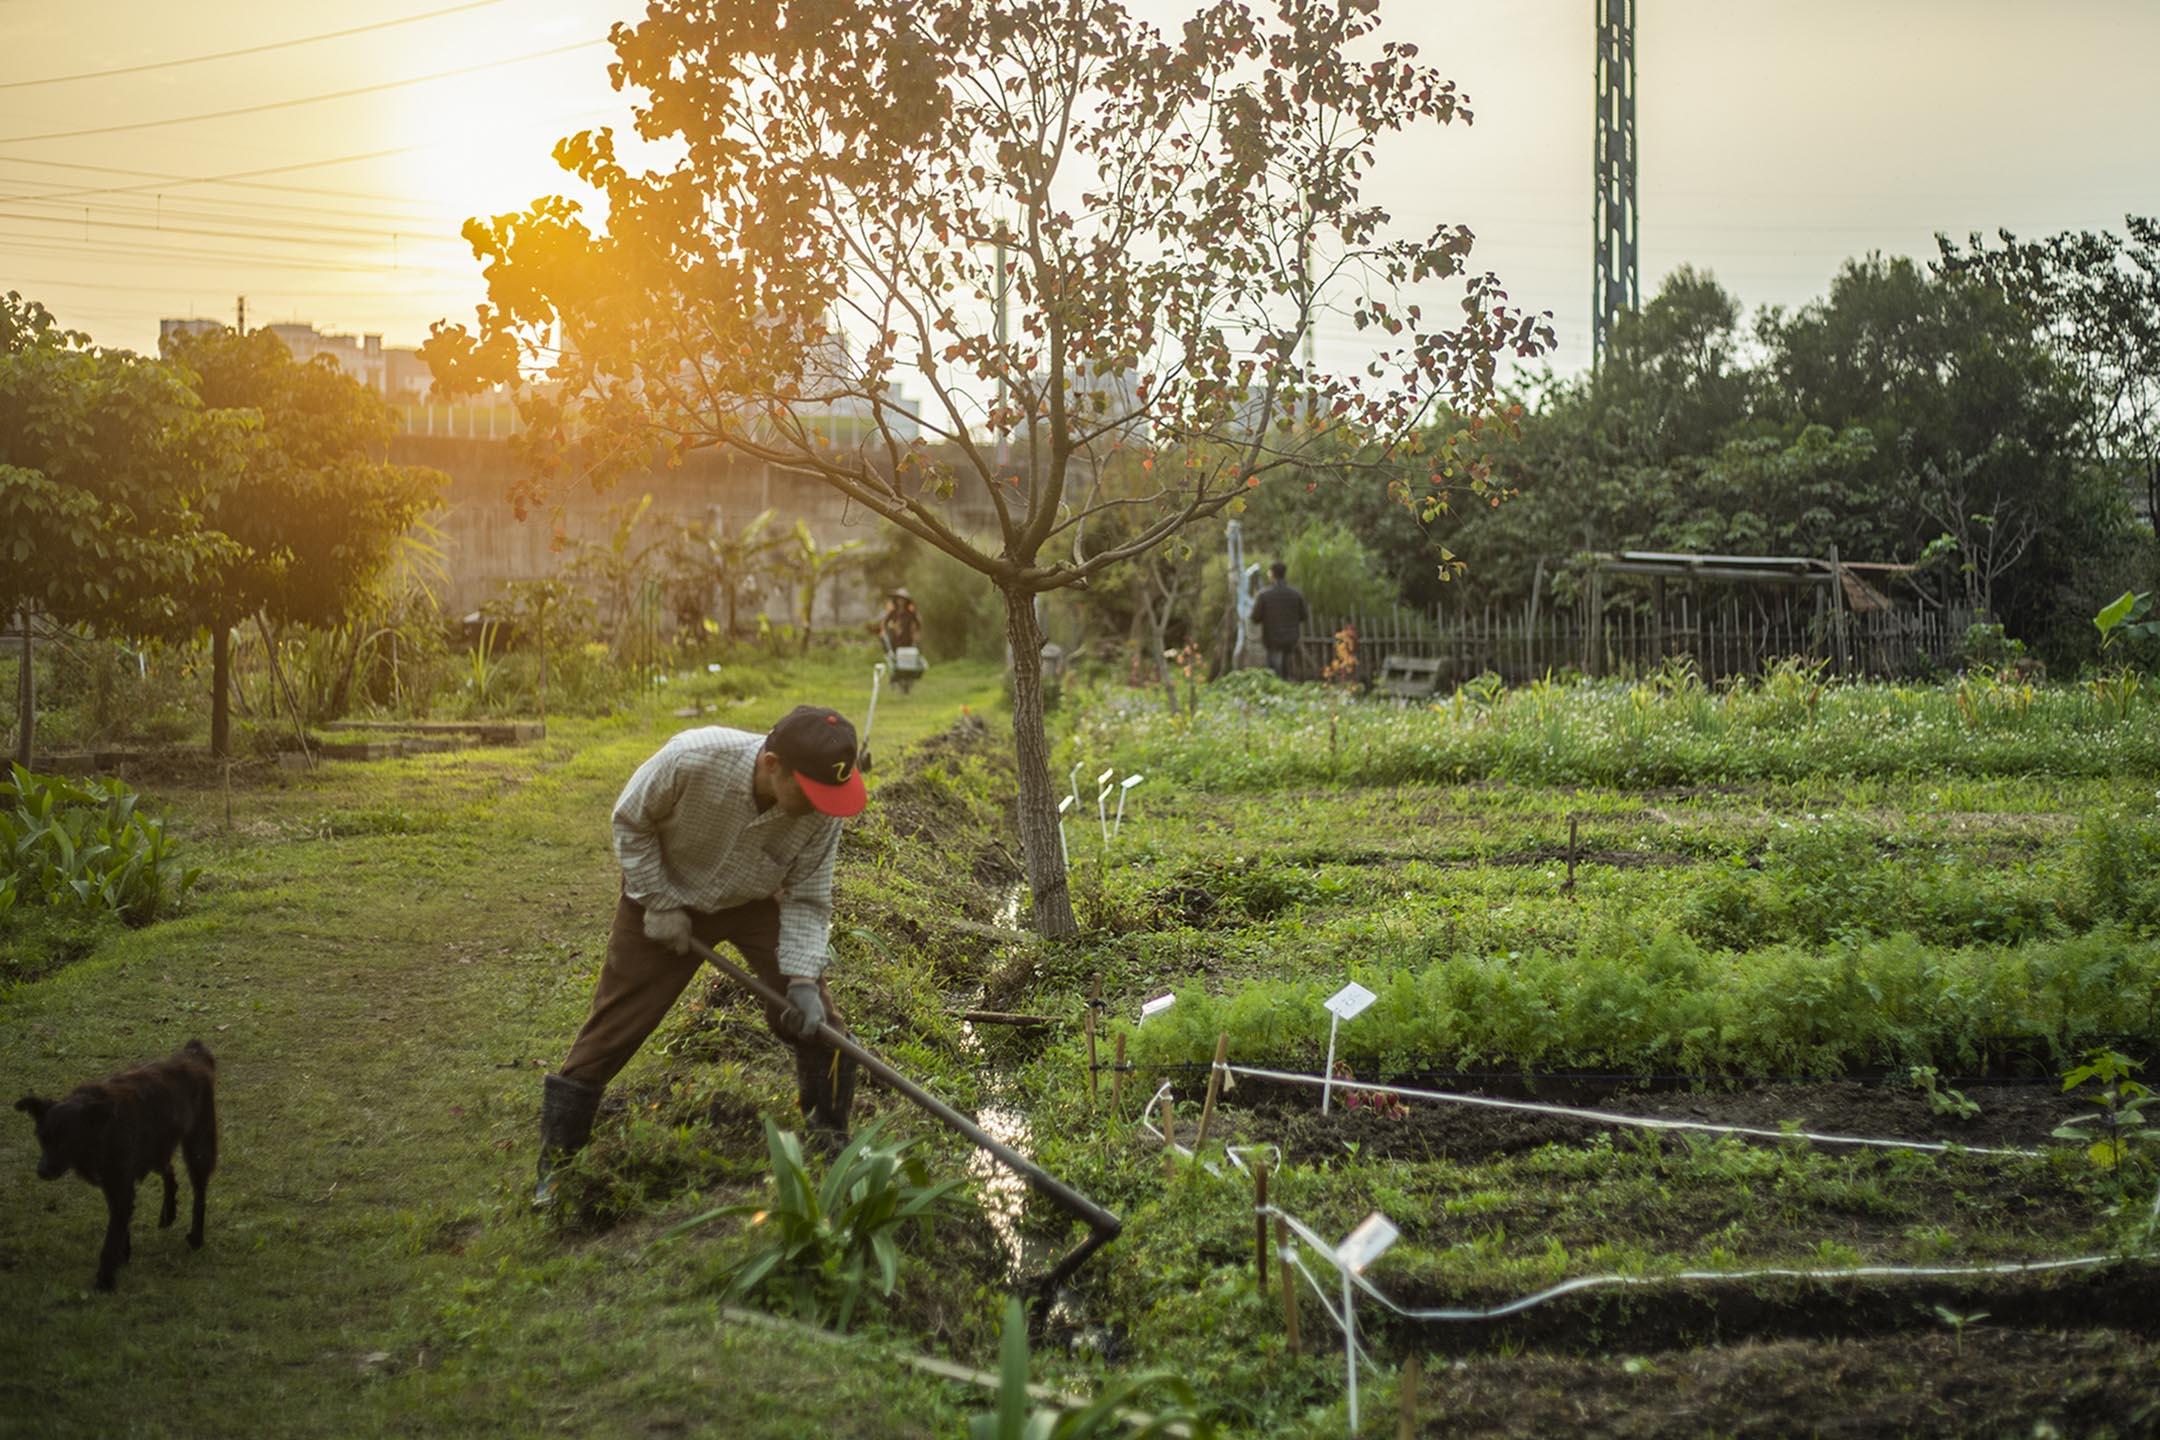 農人在新竹的田地上務農。 攝:陳焯煇/端傳媒